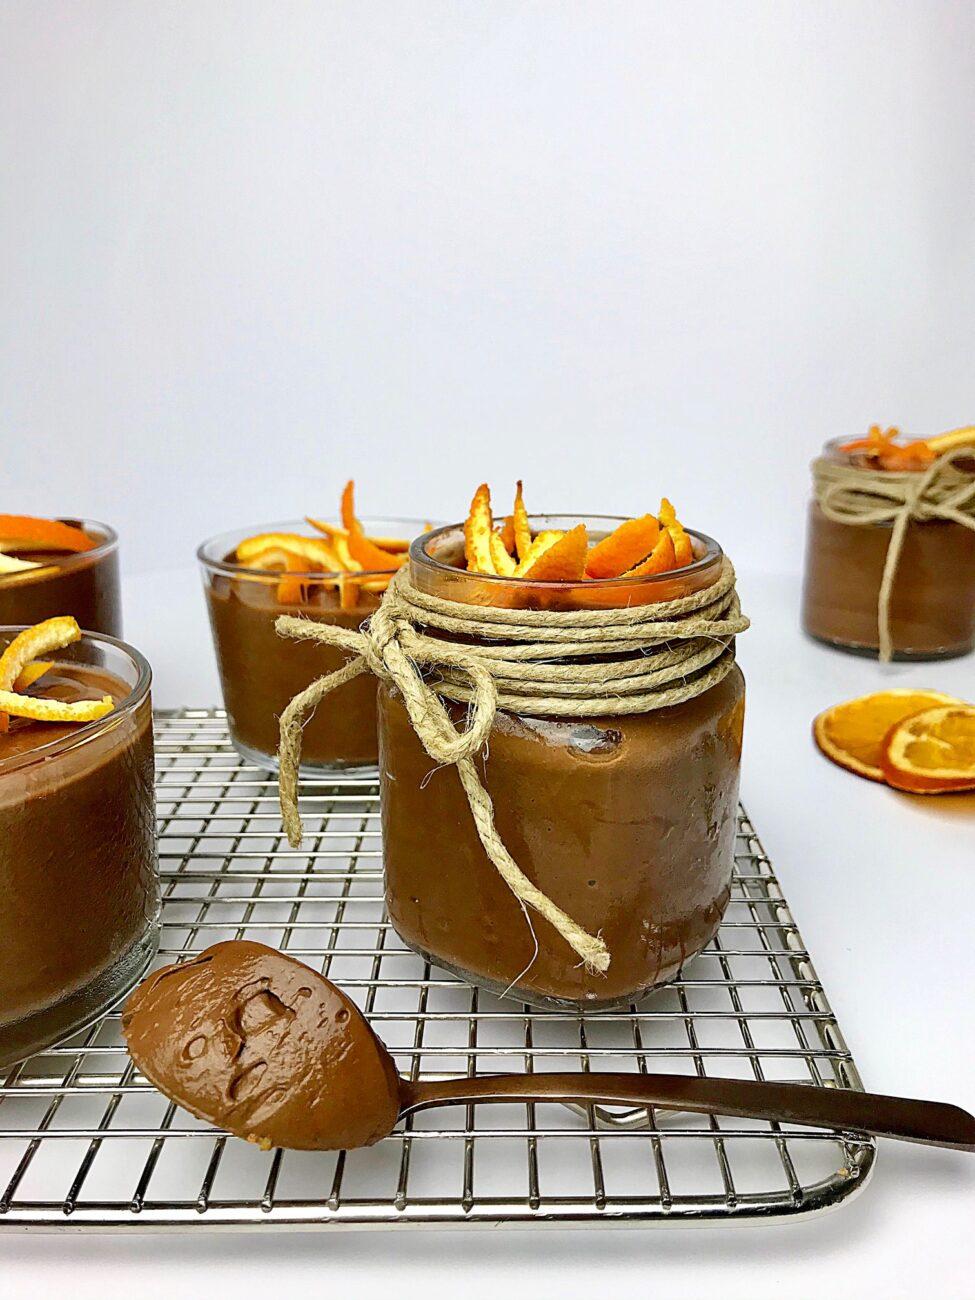 Μους σοκολατας με μέλι και πορτοκάλι